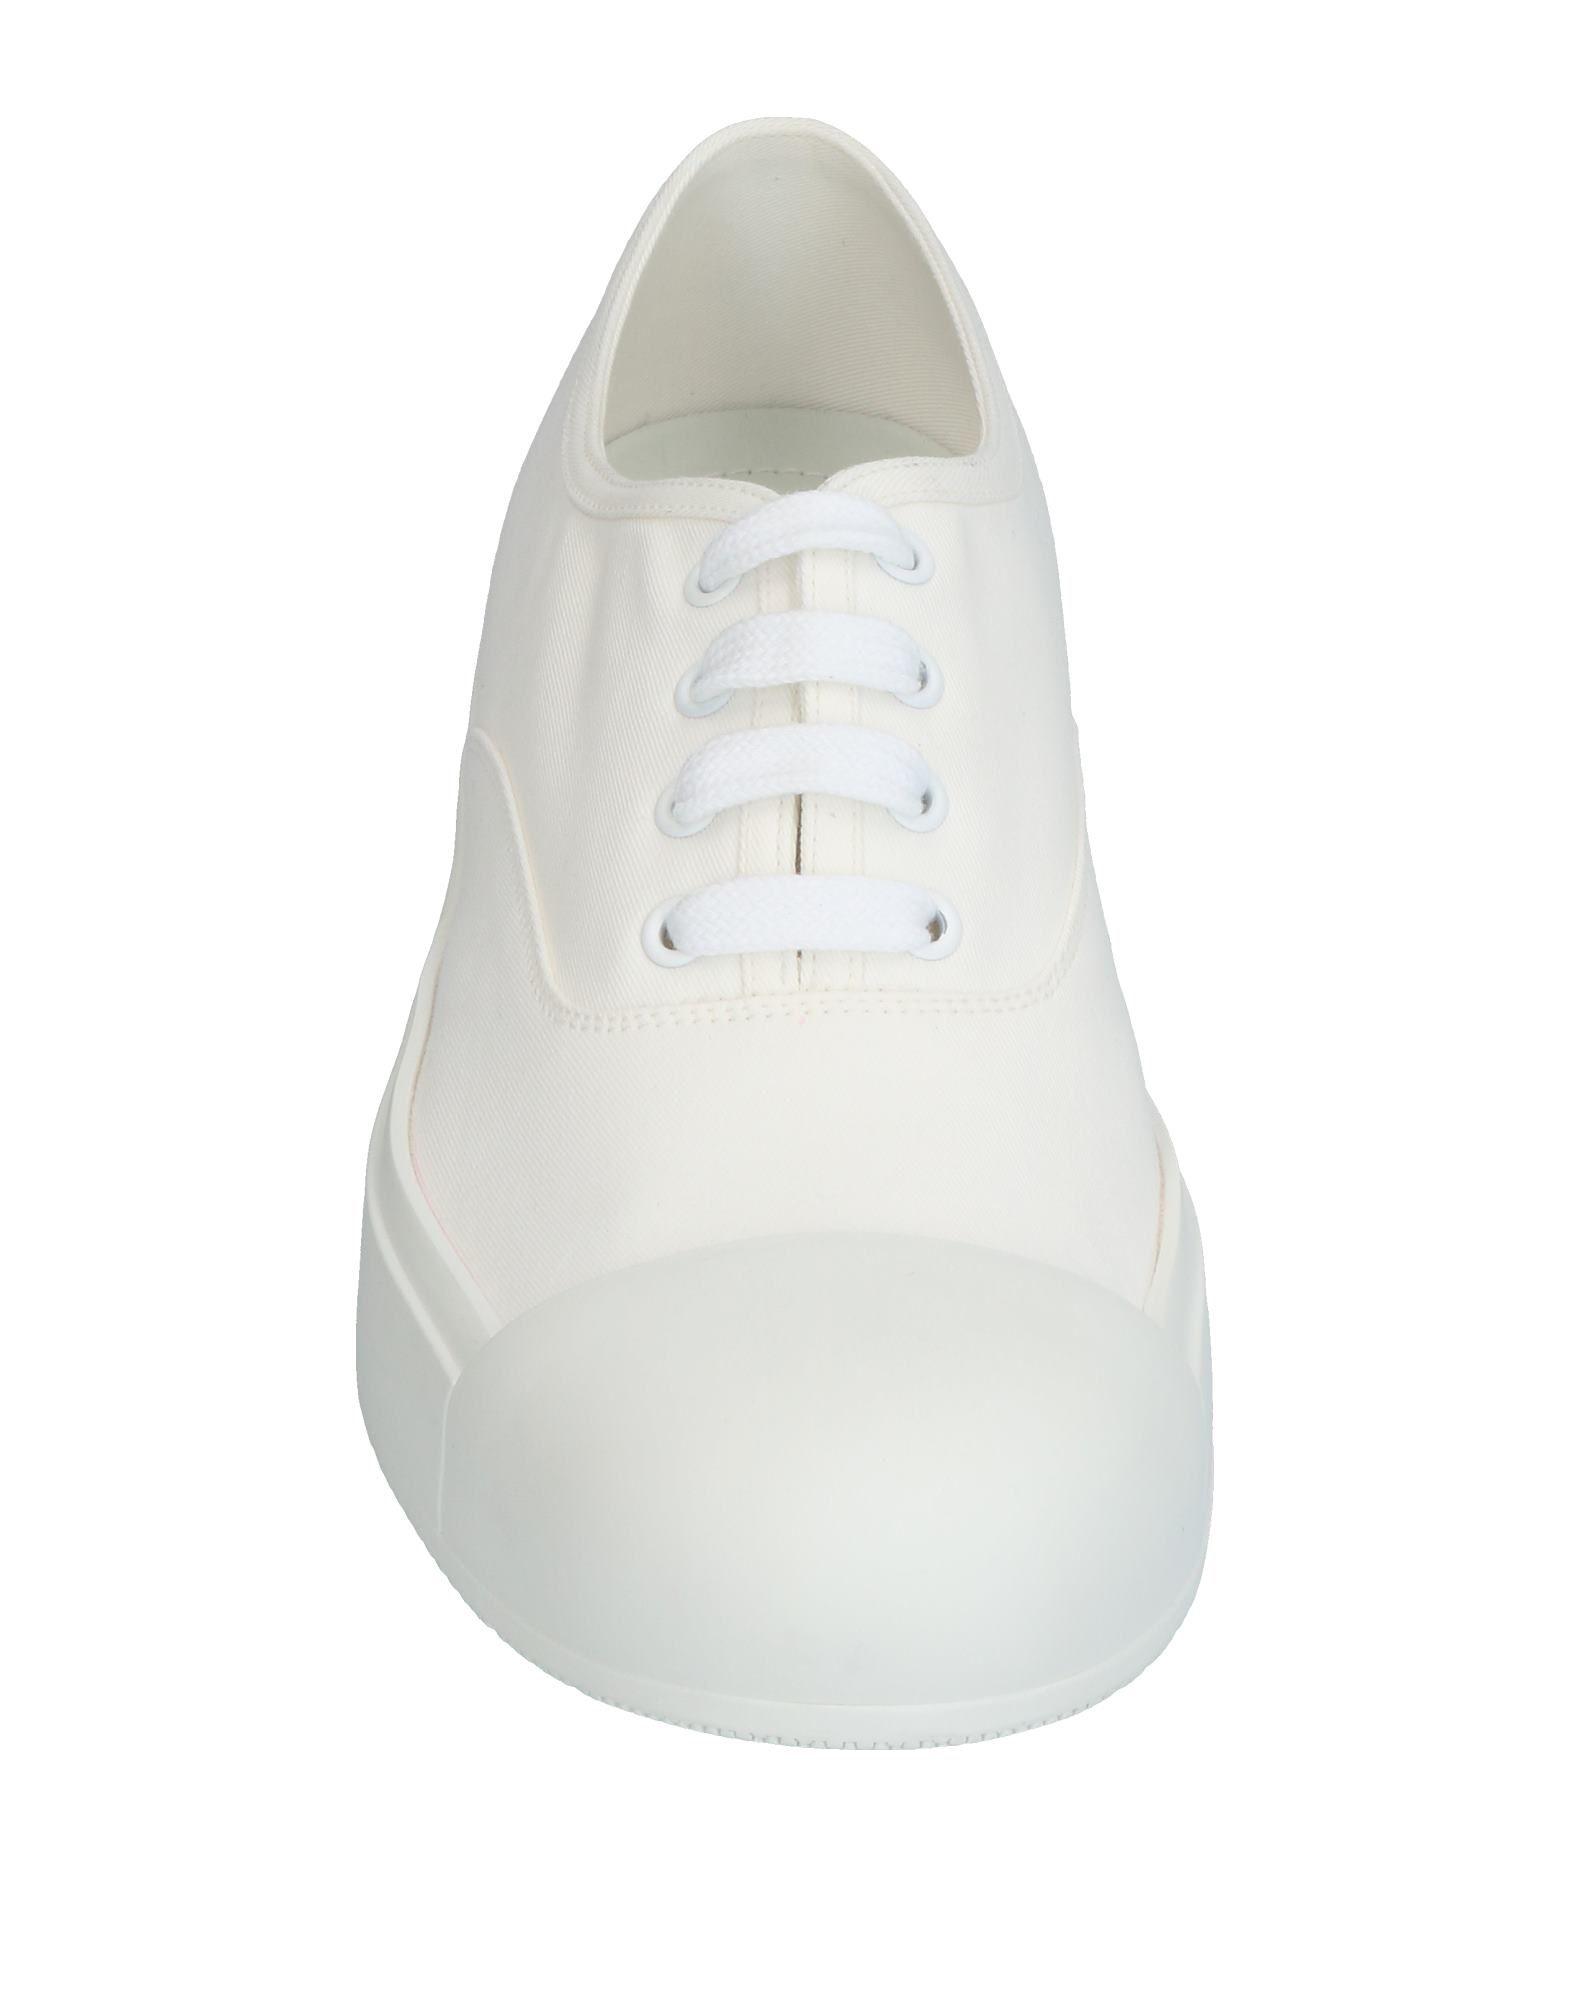 Prada Sneakers Herren  11327388LG Schuhe Heiße Schuhe 11327388LG 452246